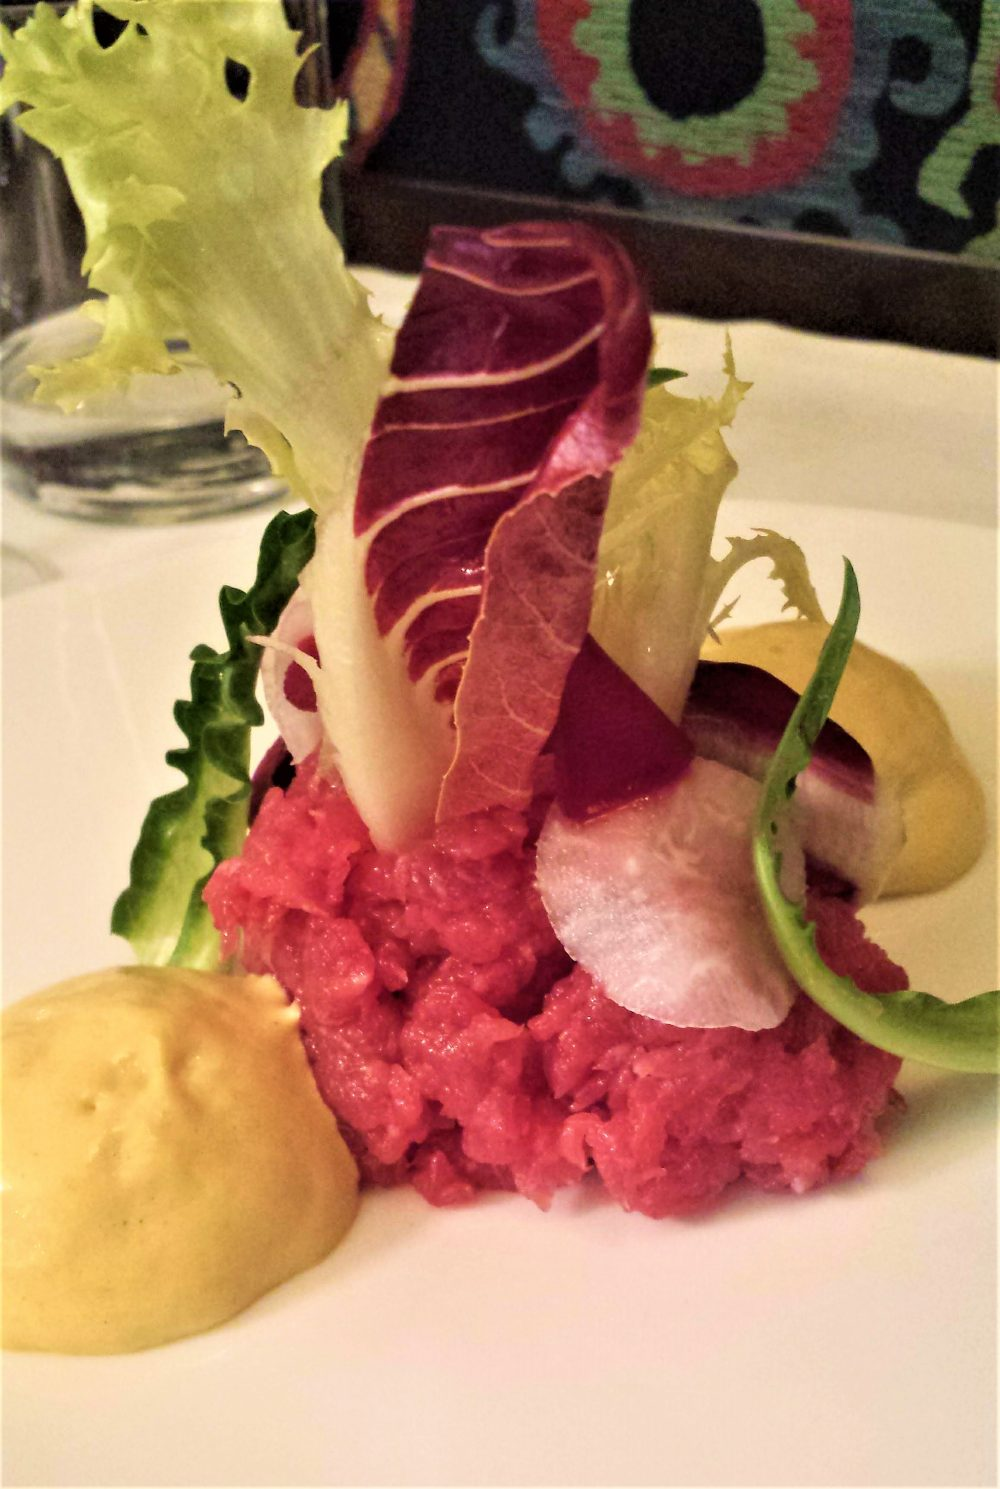 bistRo, Tartara di vitella, salsa tonnata e insalate di campo